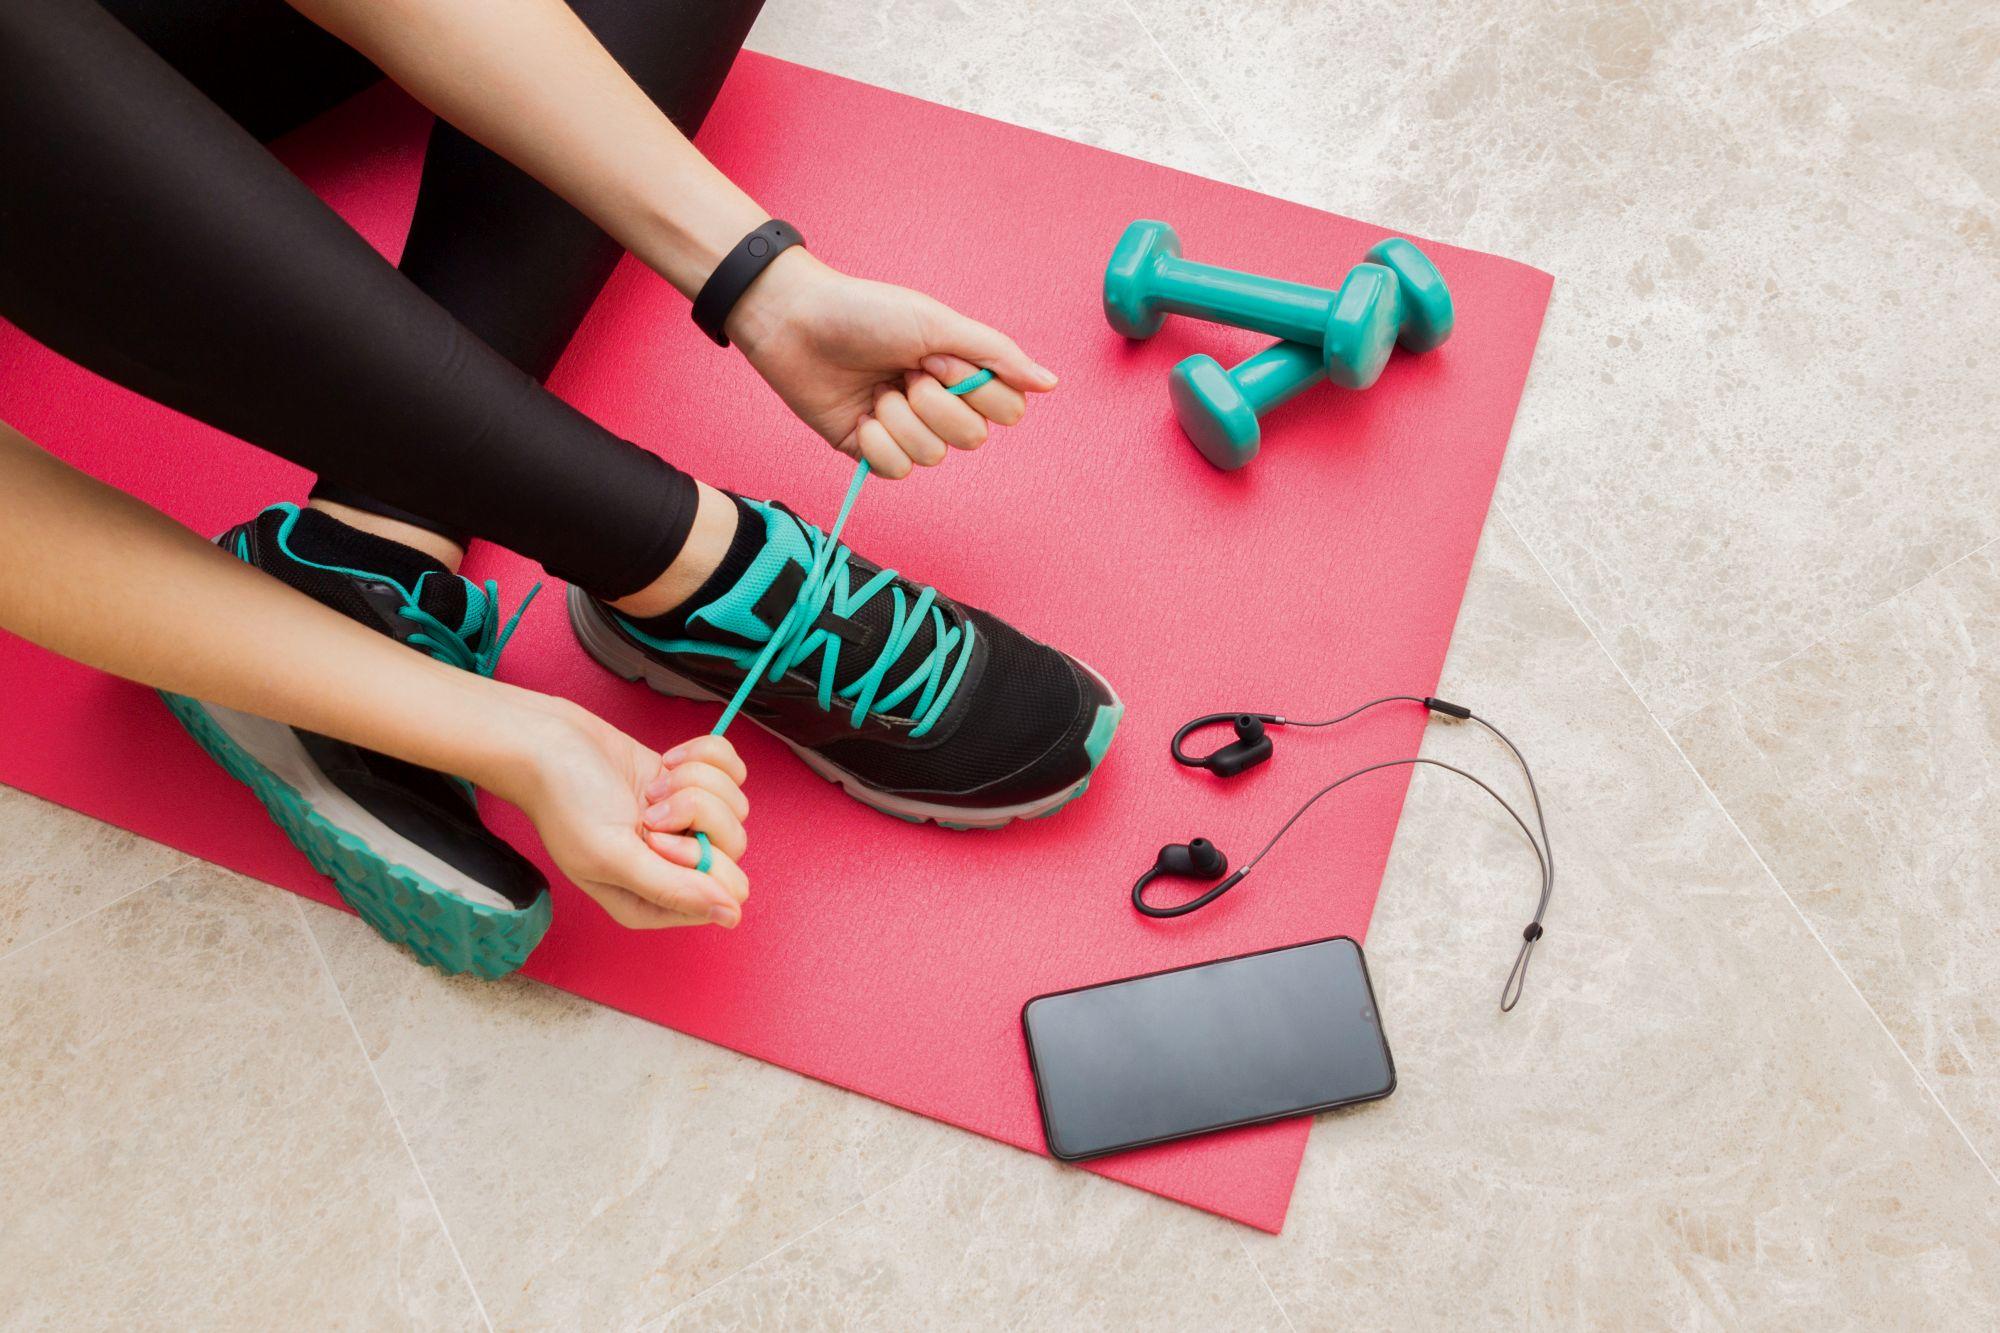 Edzéshez hasznos lehet az okosóra vagy okoskarkötő